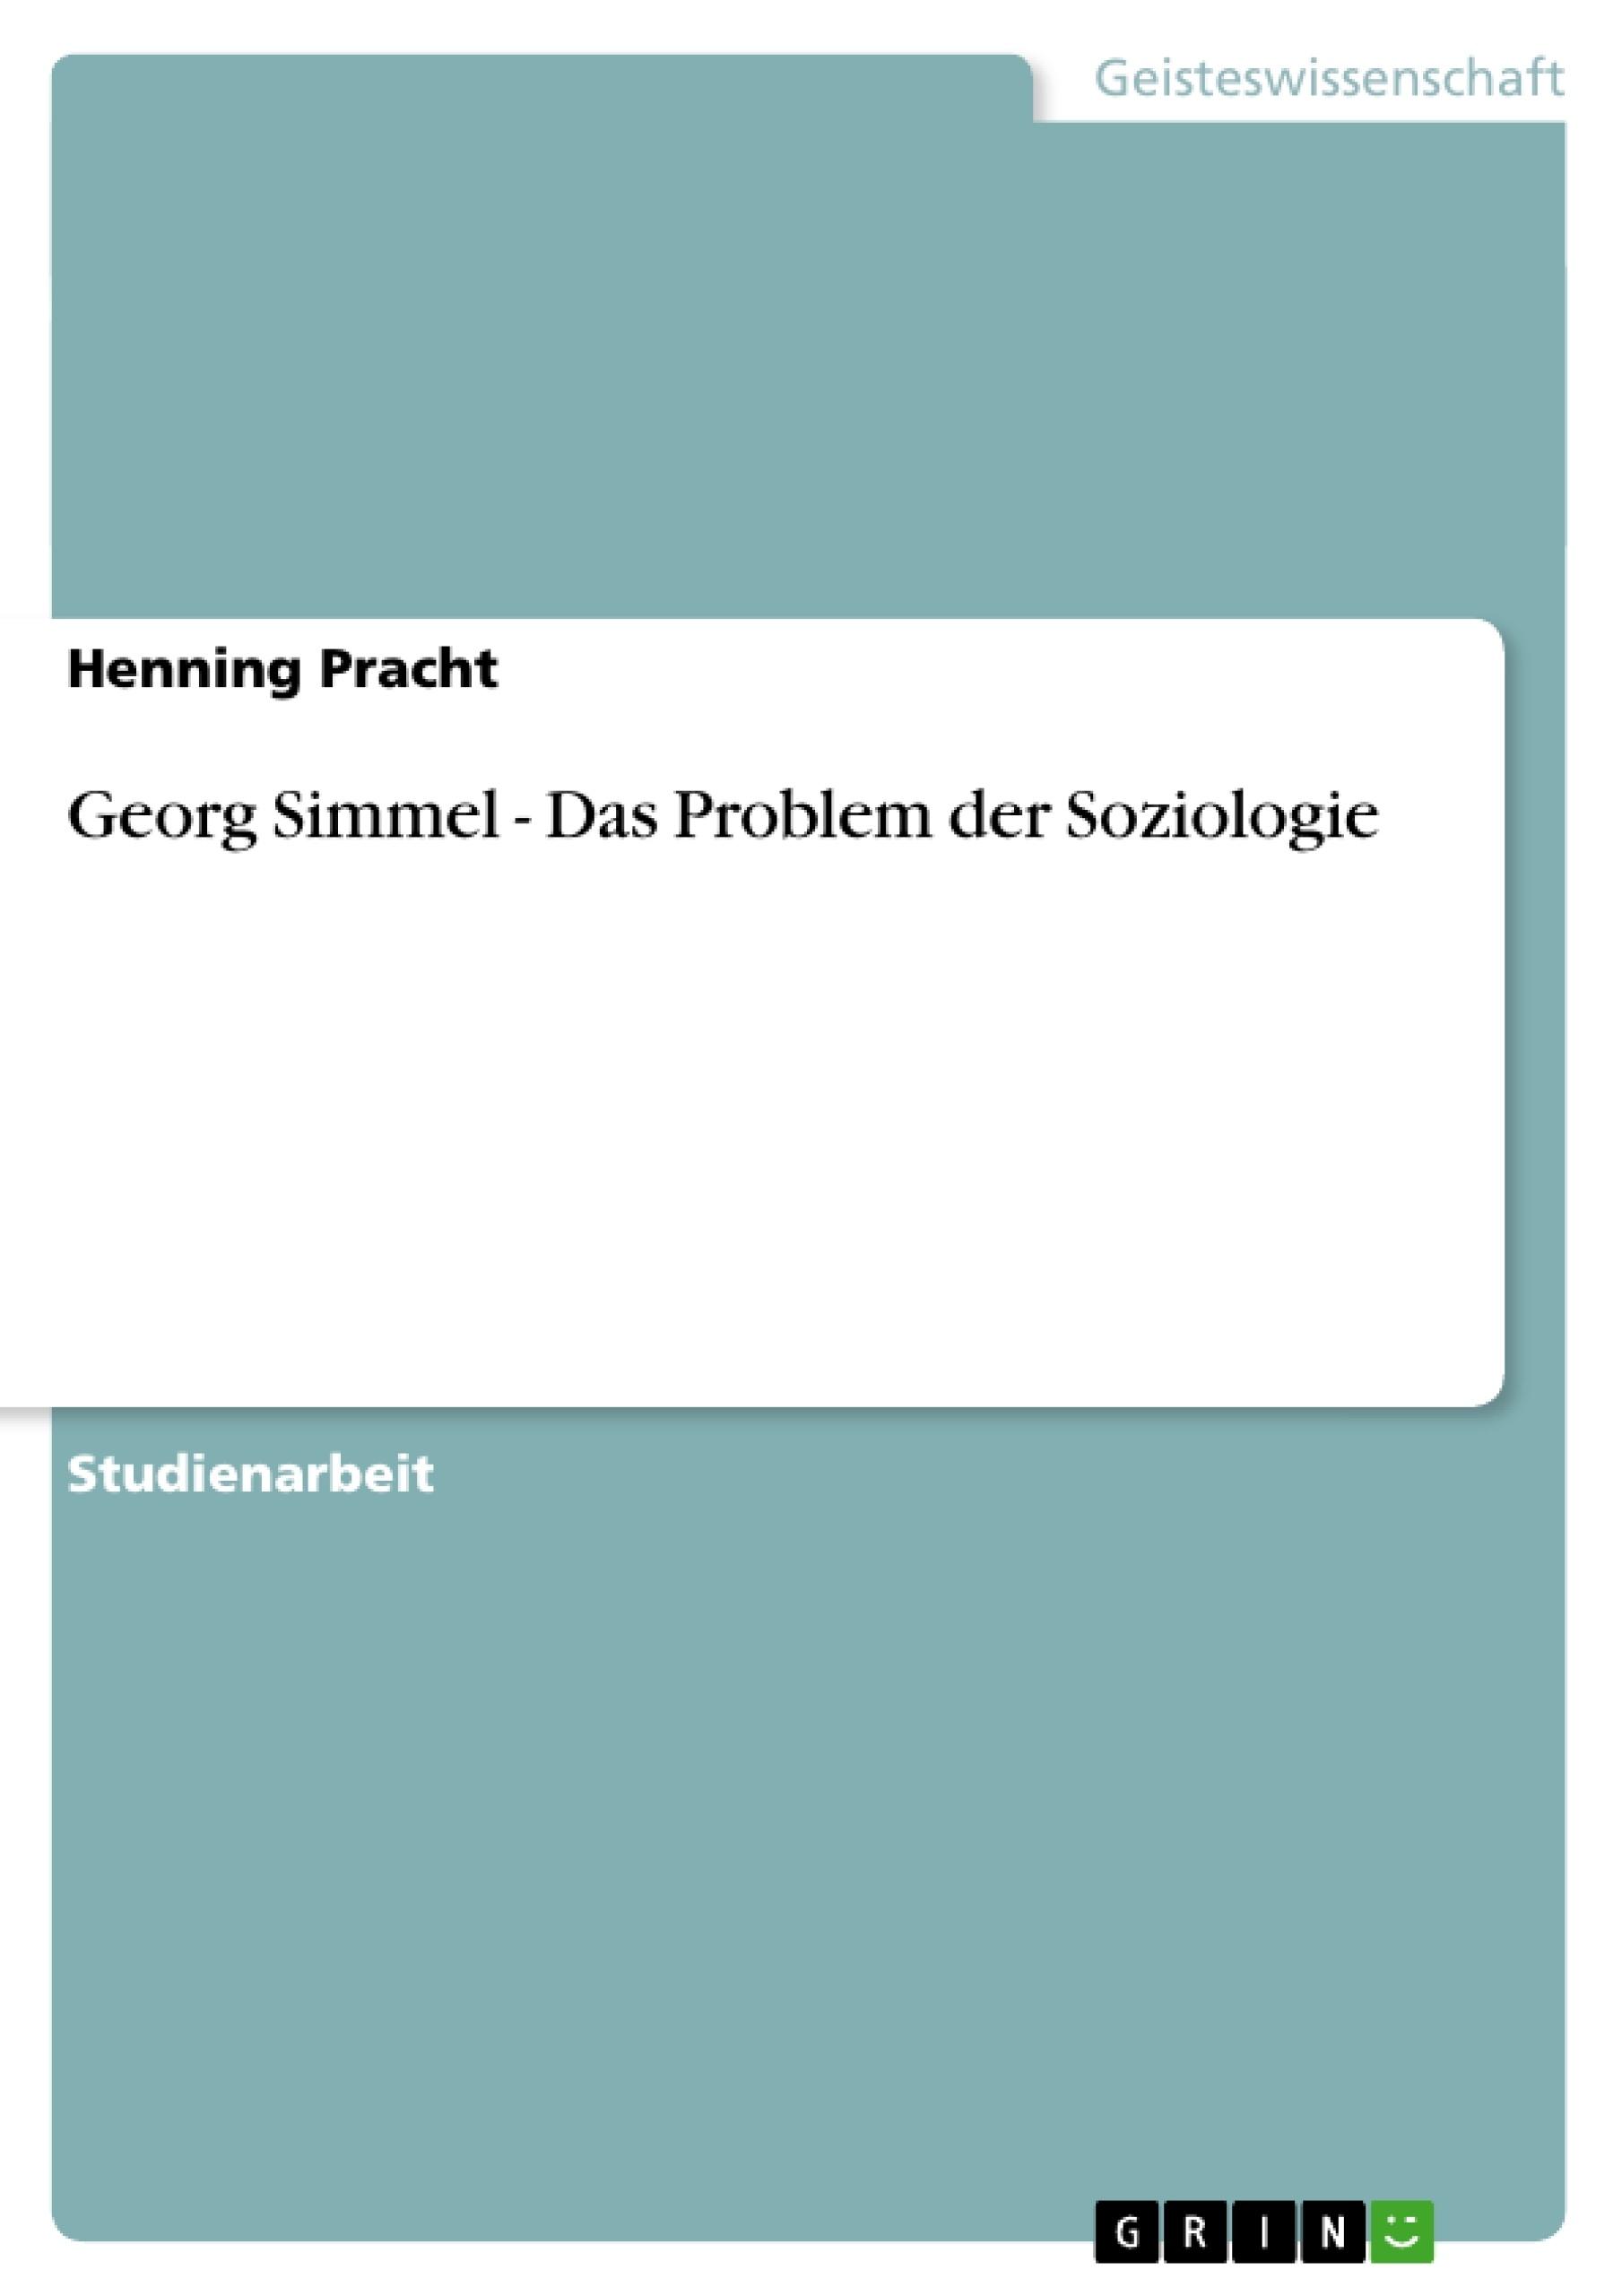 Titel: Georg Simmel - Das Problem der Soziologie